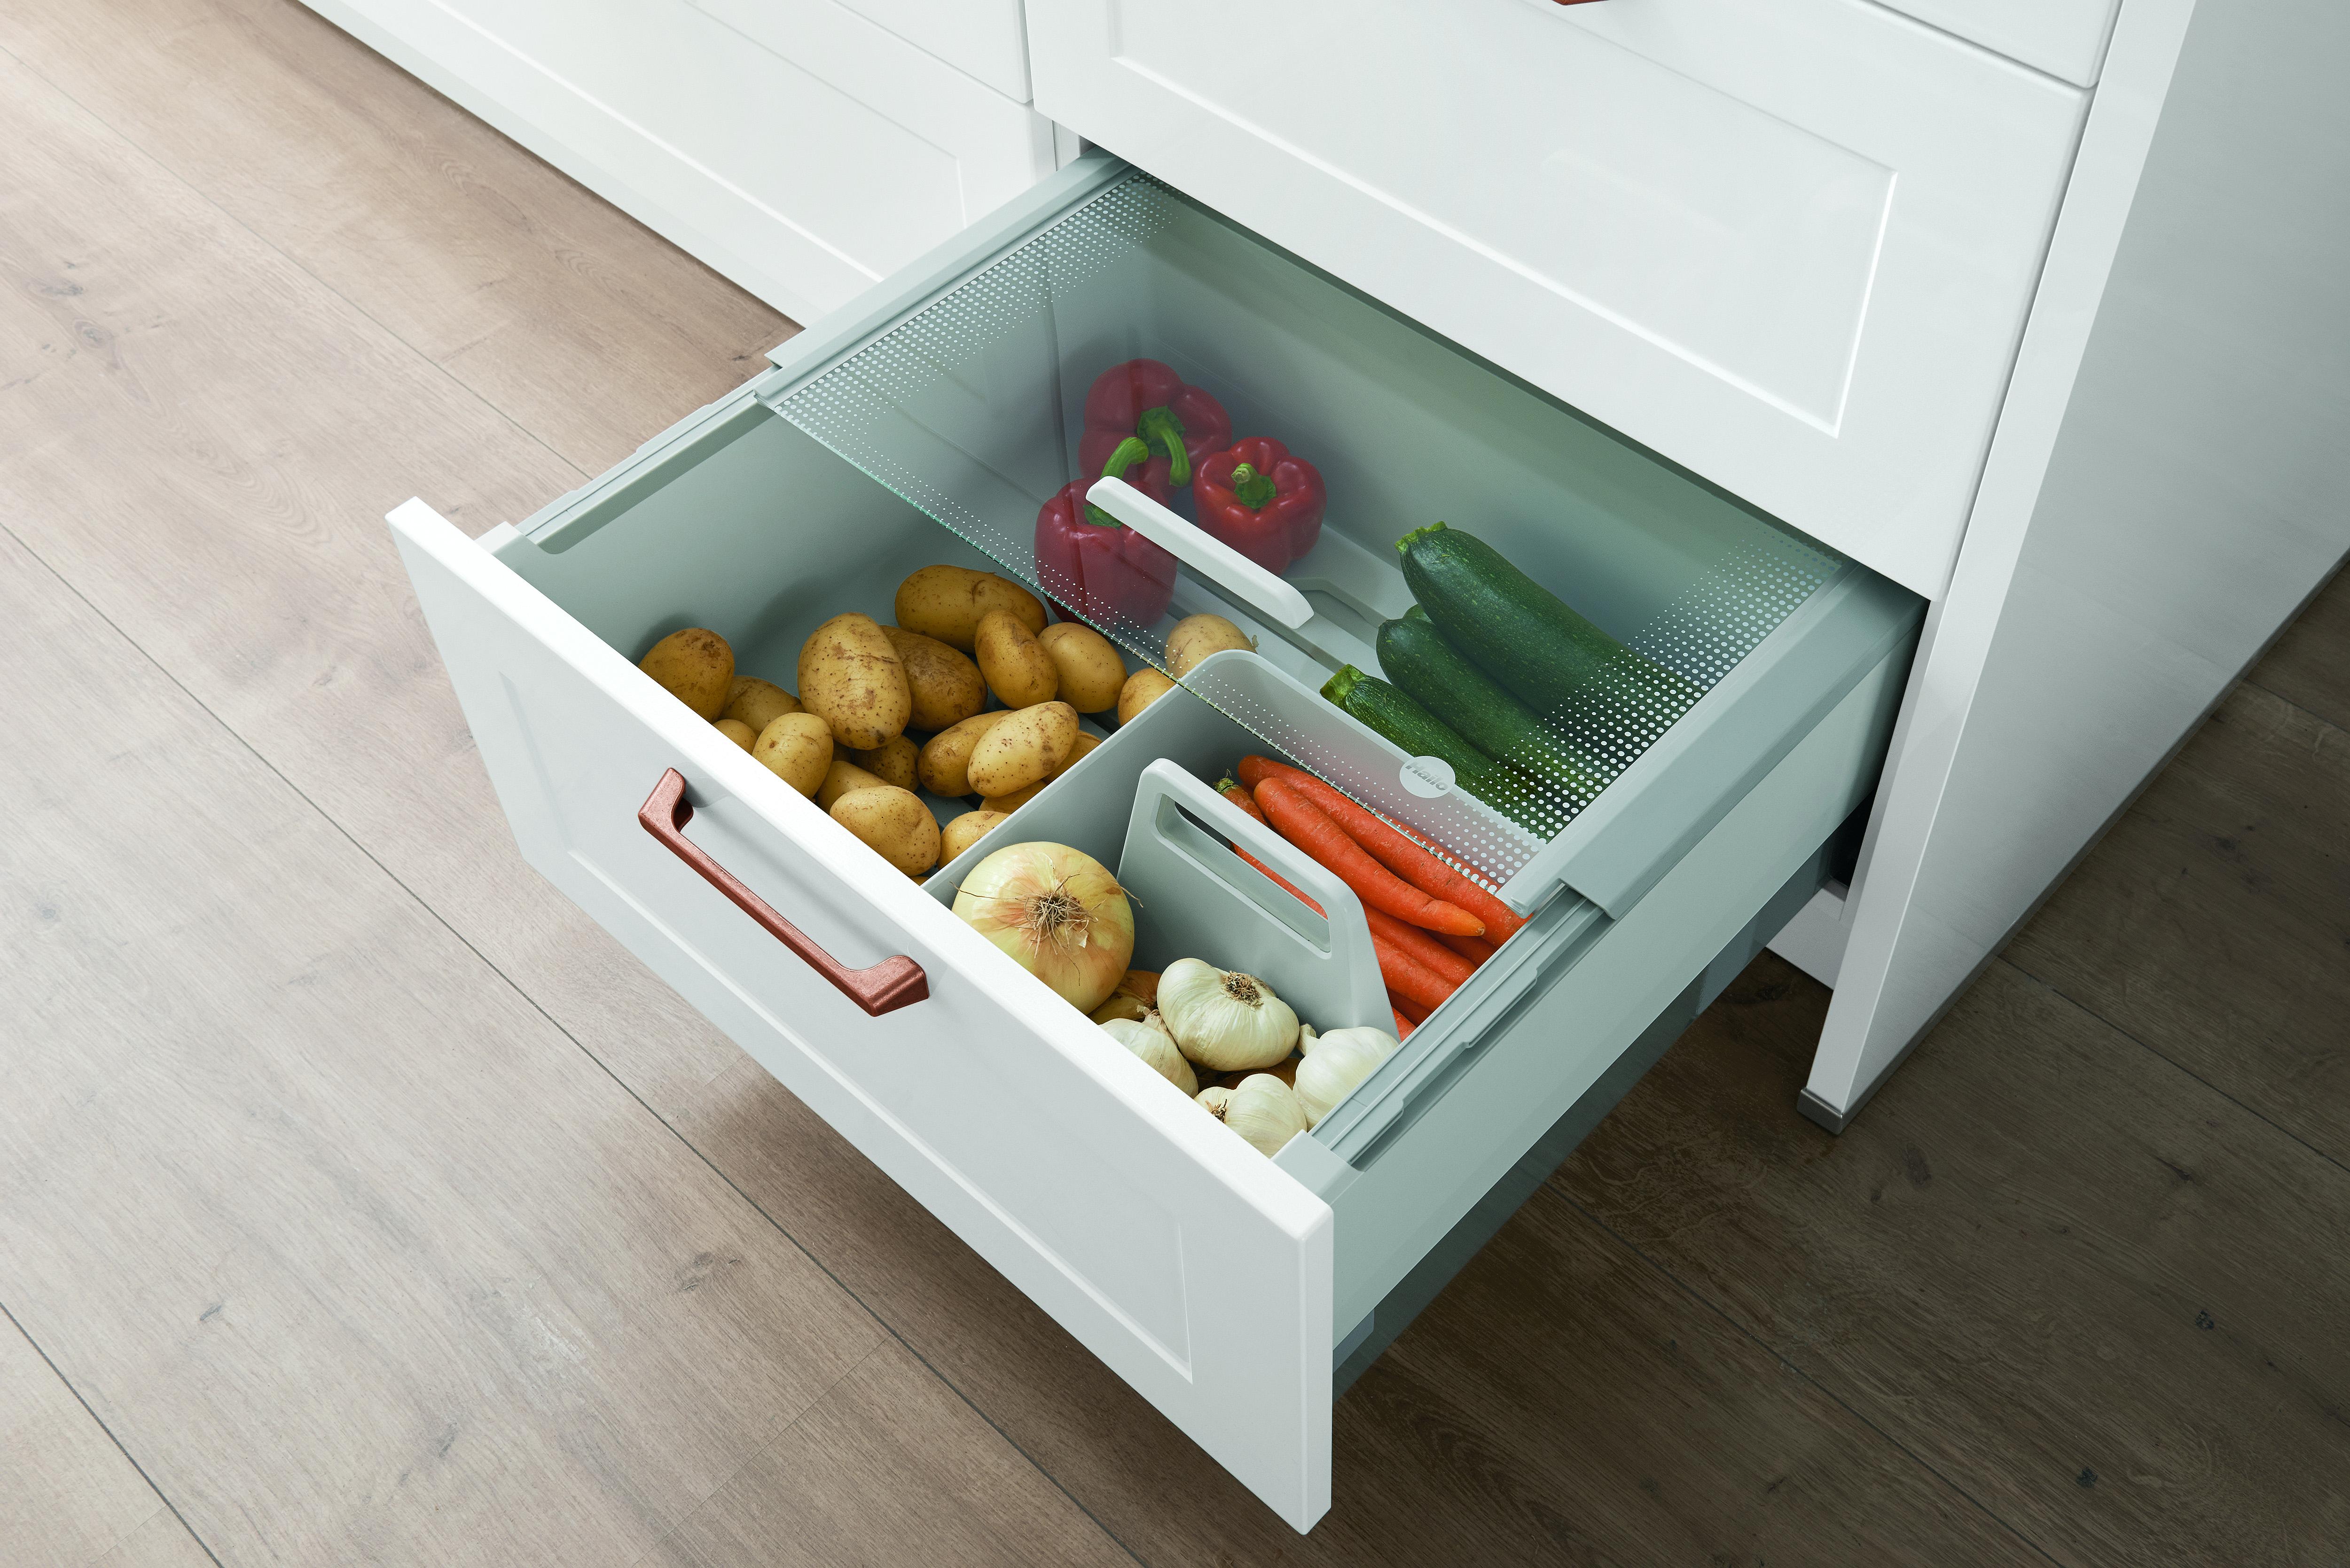 Vorratshaltung – So lagern Sie Lebensmittel in der Küche richtig ...